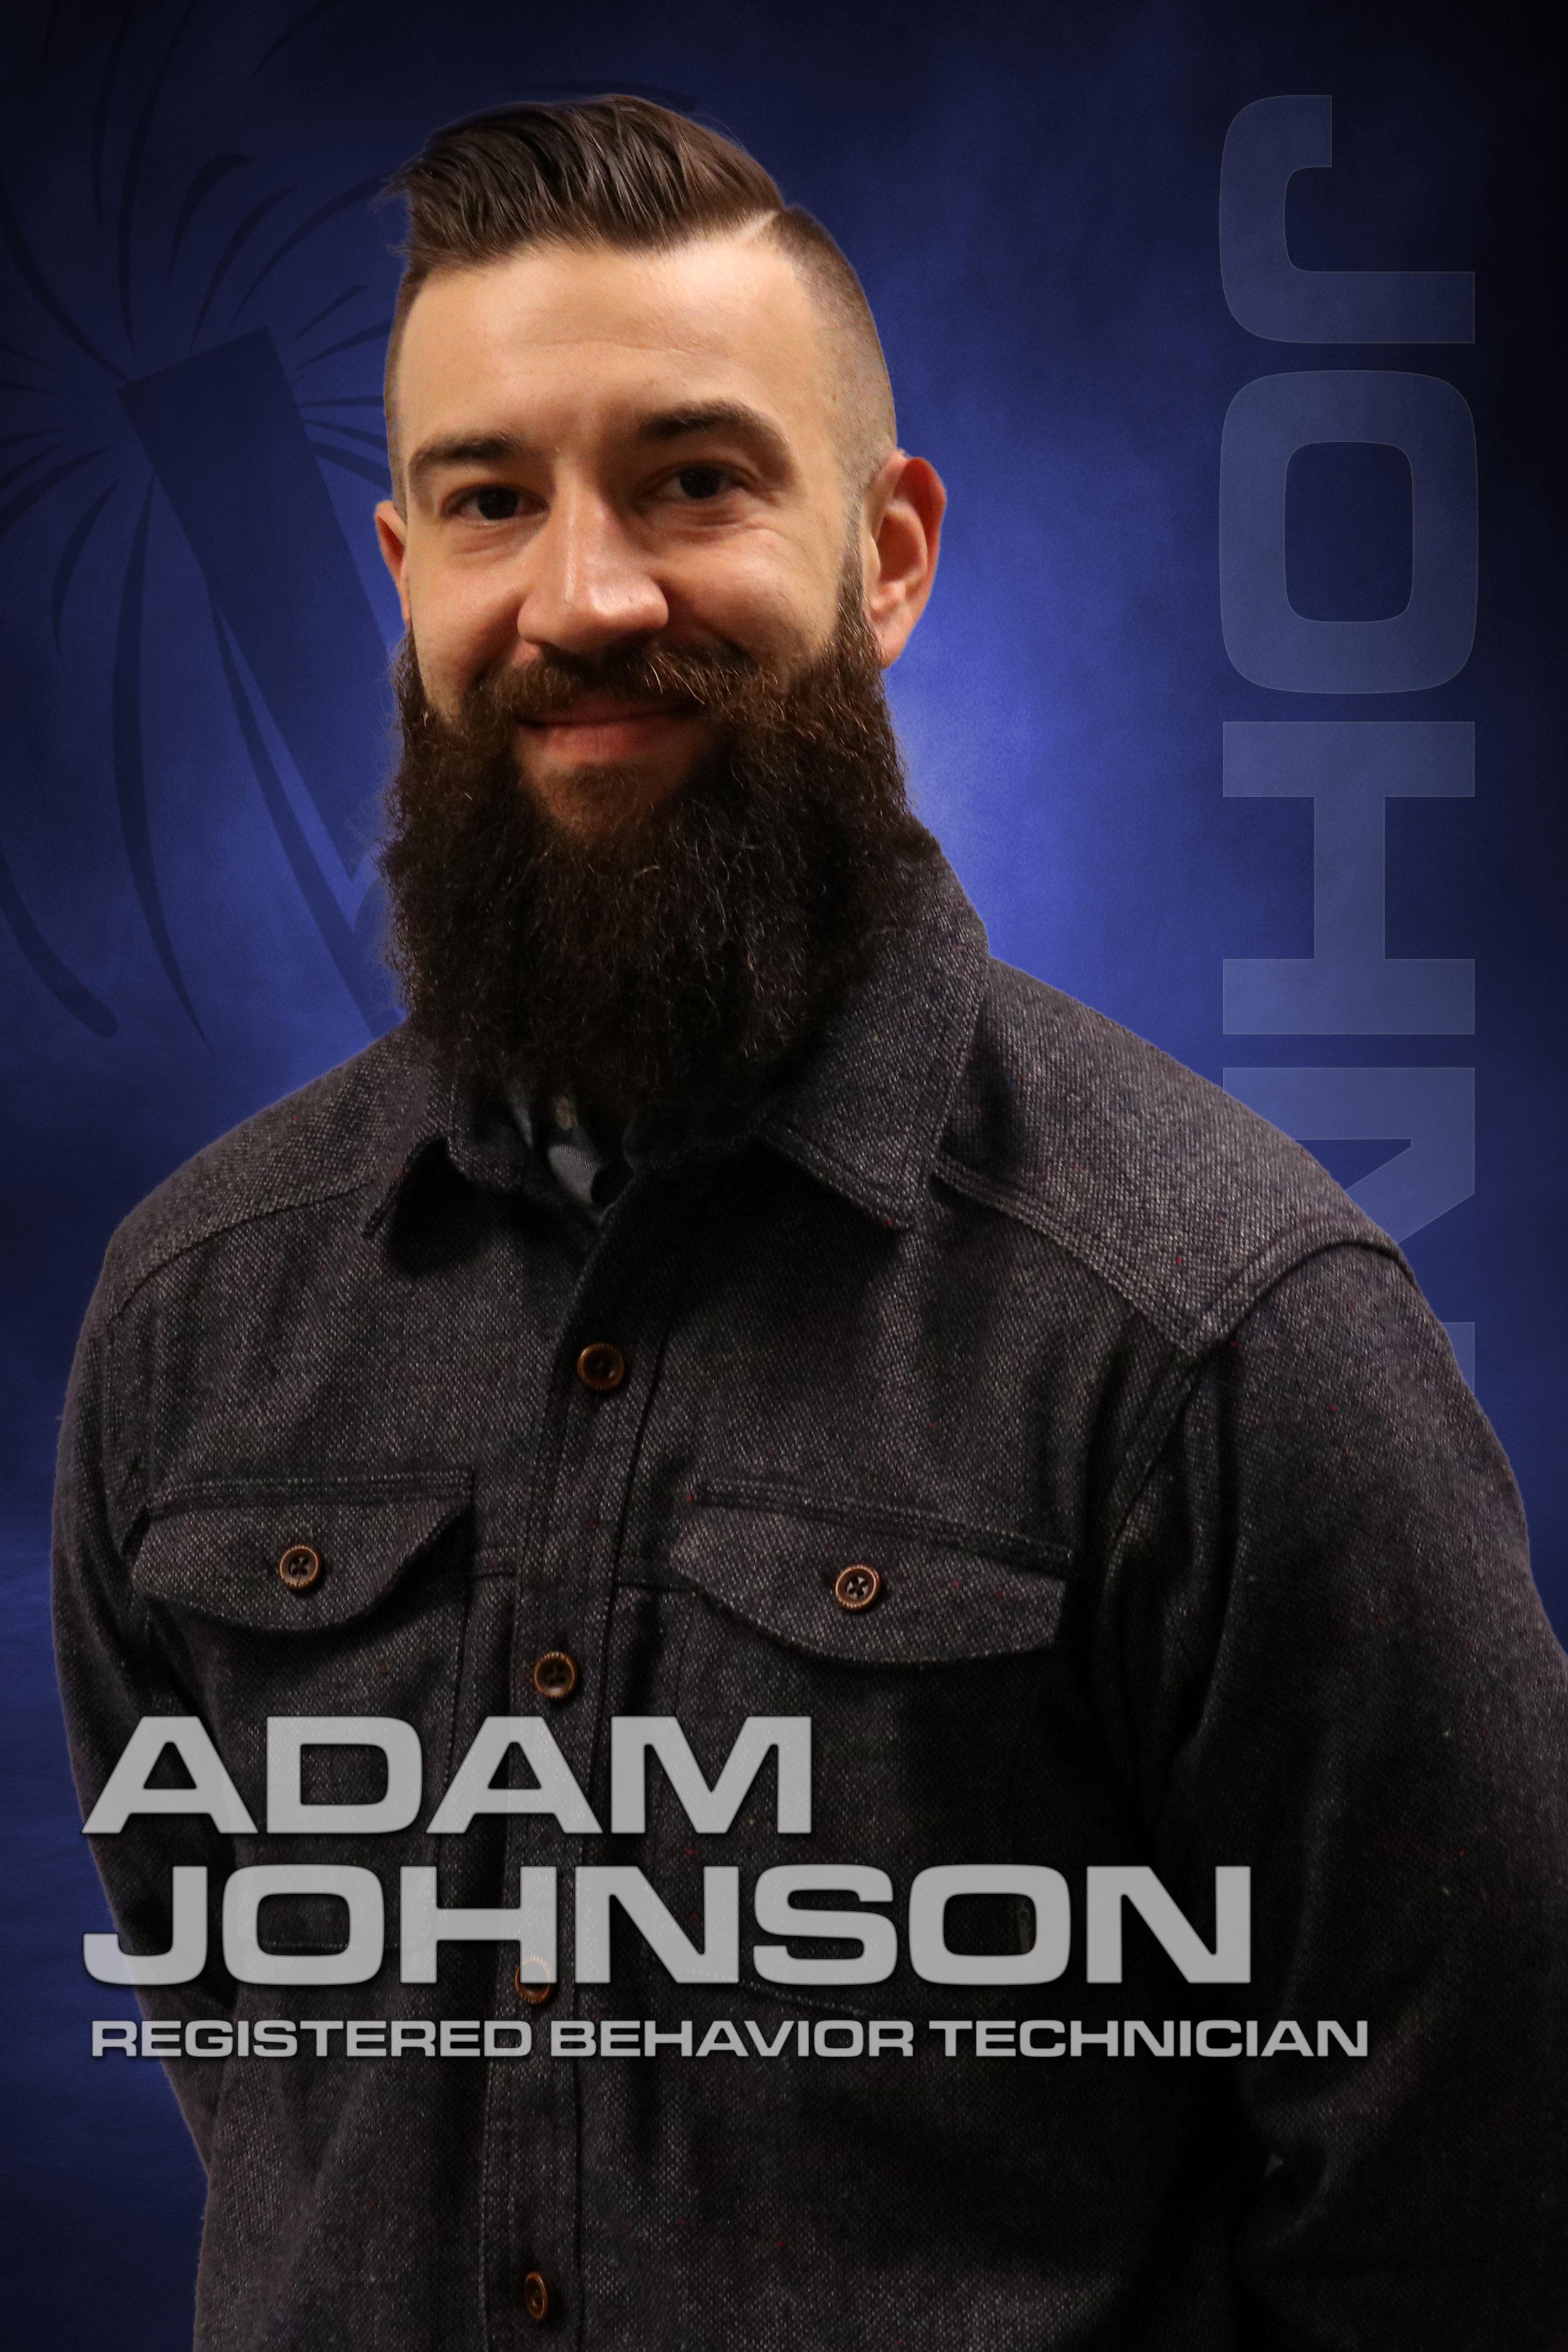 Adam_poster_12x18.jpg